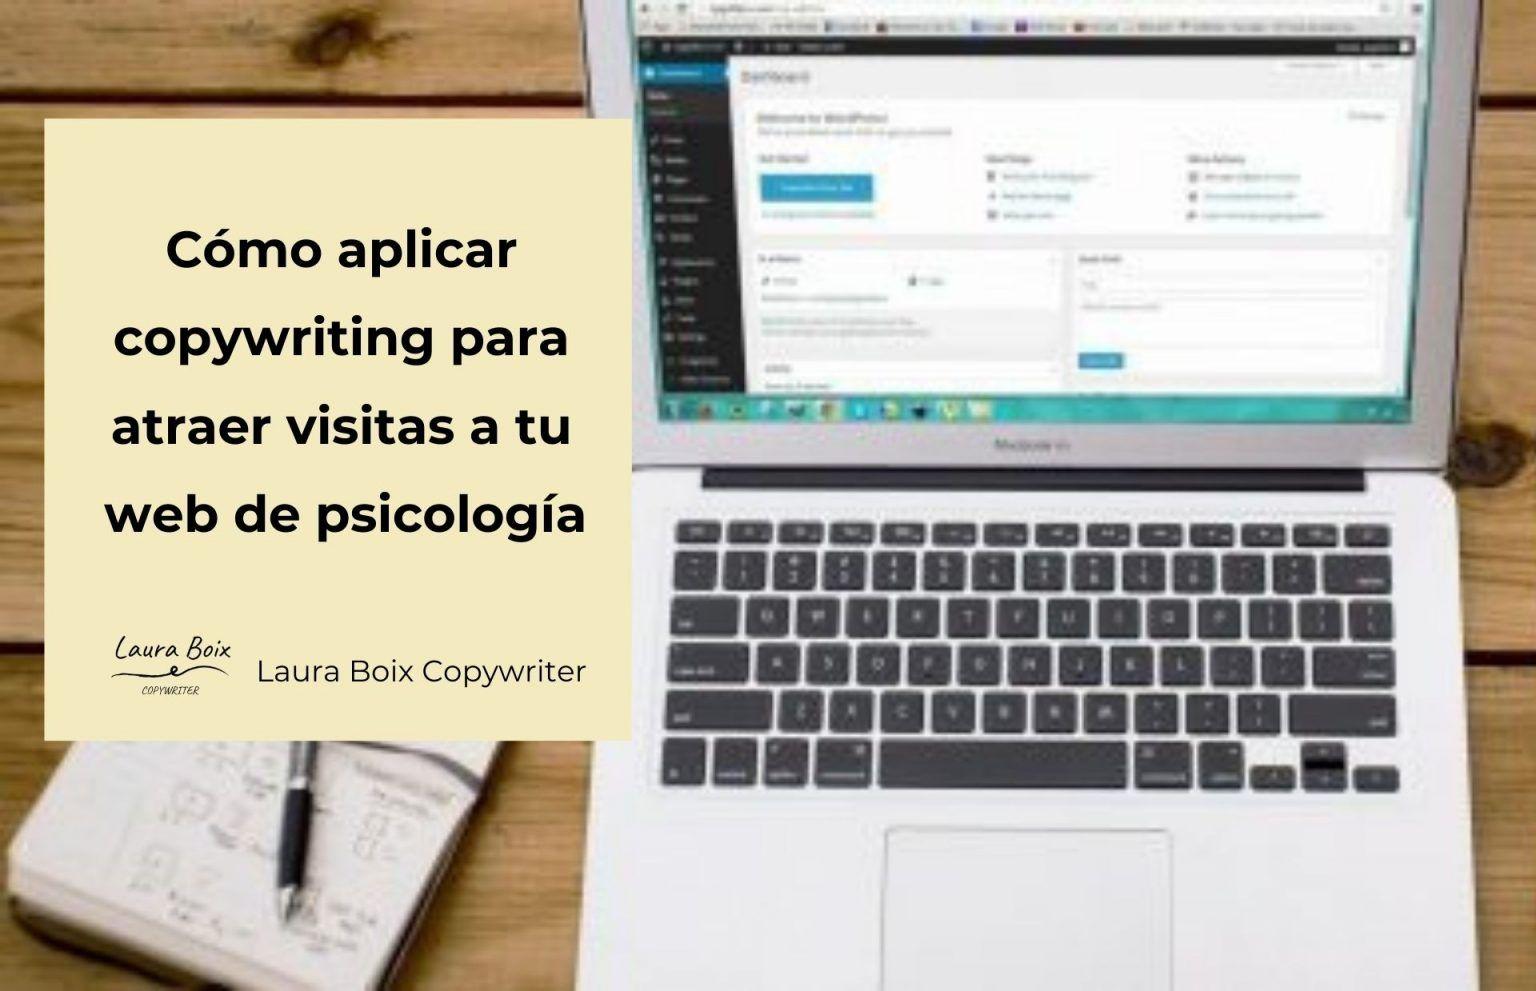 como-aplicar-copywriting-para-atraer-visitas-a-tu-web-de-psicologia